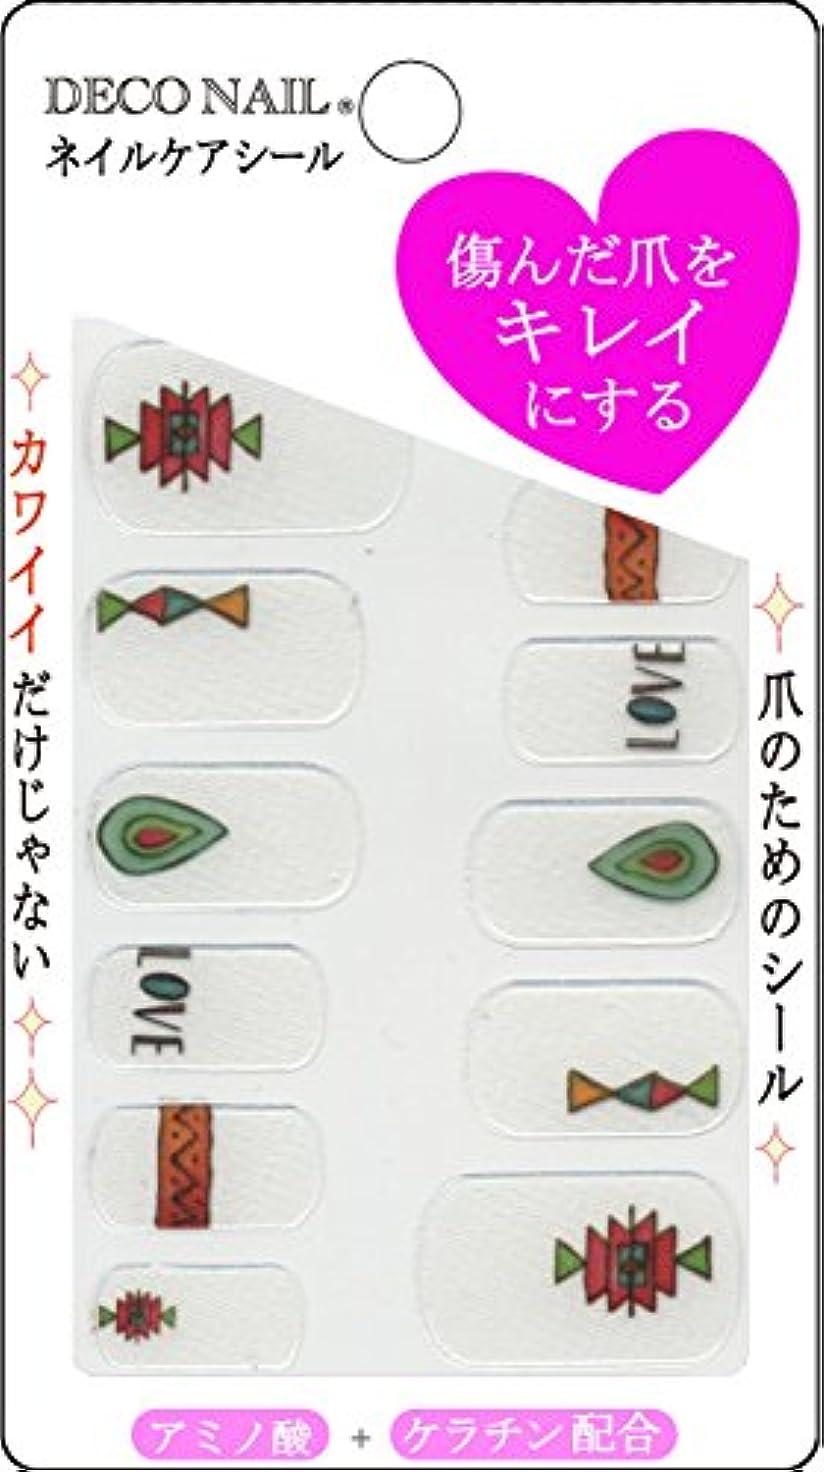 勝利サワースキッパーネイルケアシール DNK1-10 幾何学